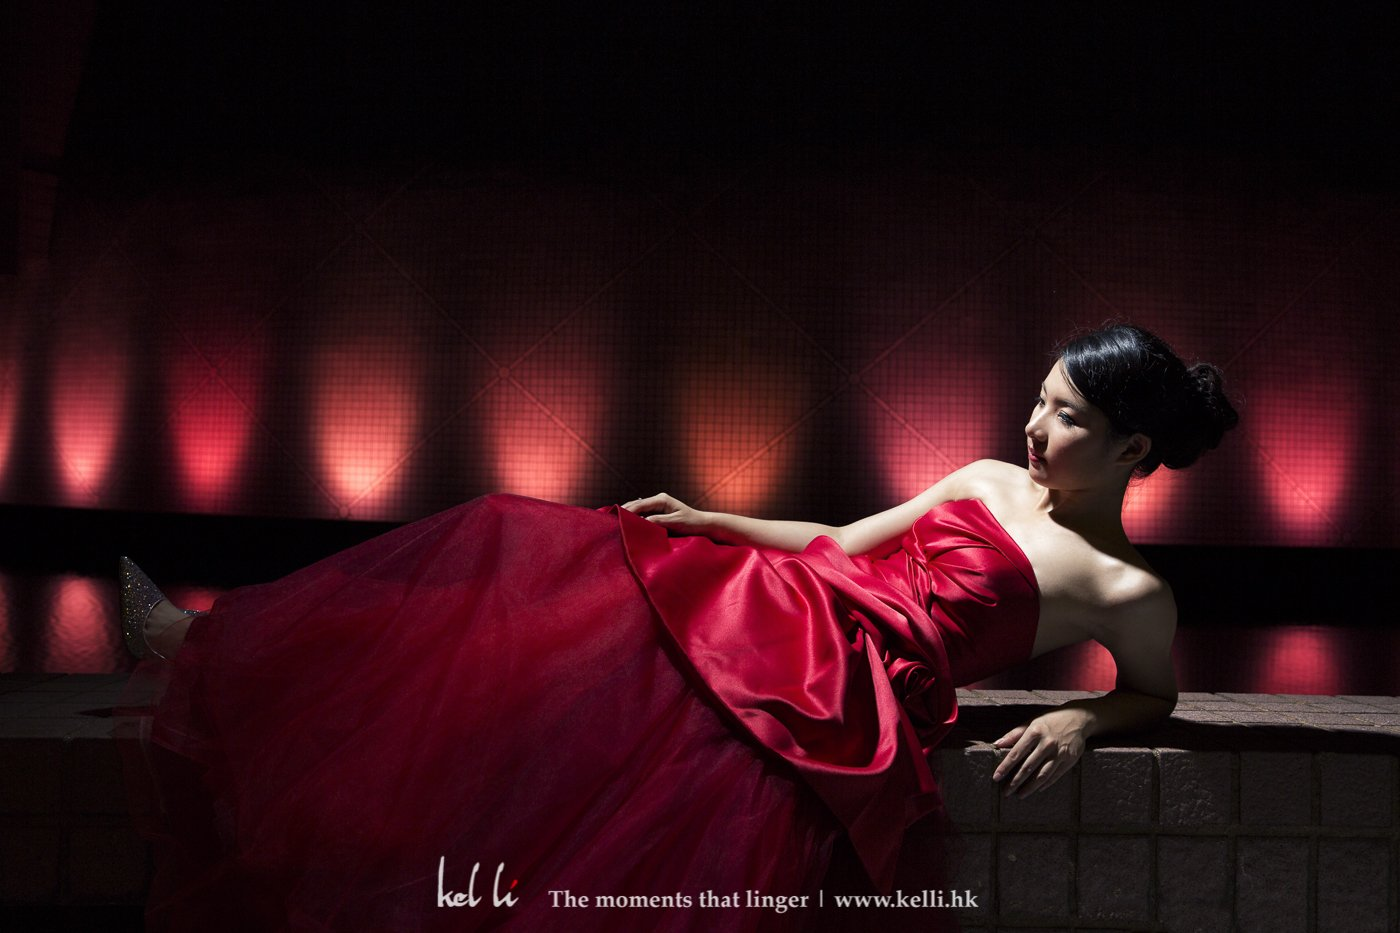 背景是走馬燈型式的轉換顏色,找到合適的就可以拍下這婚紗照